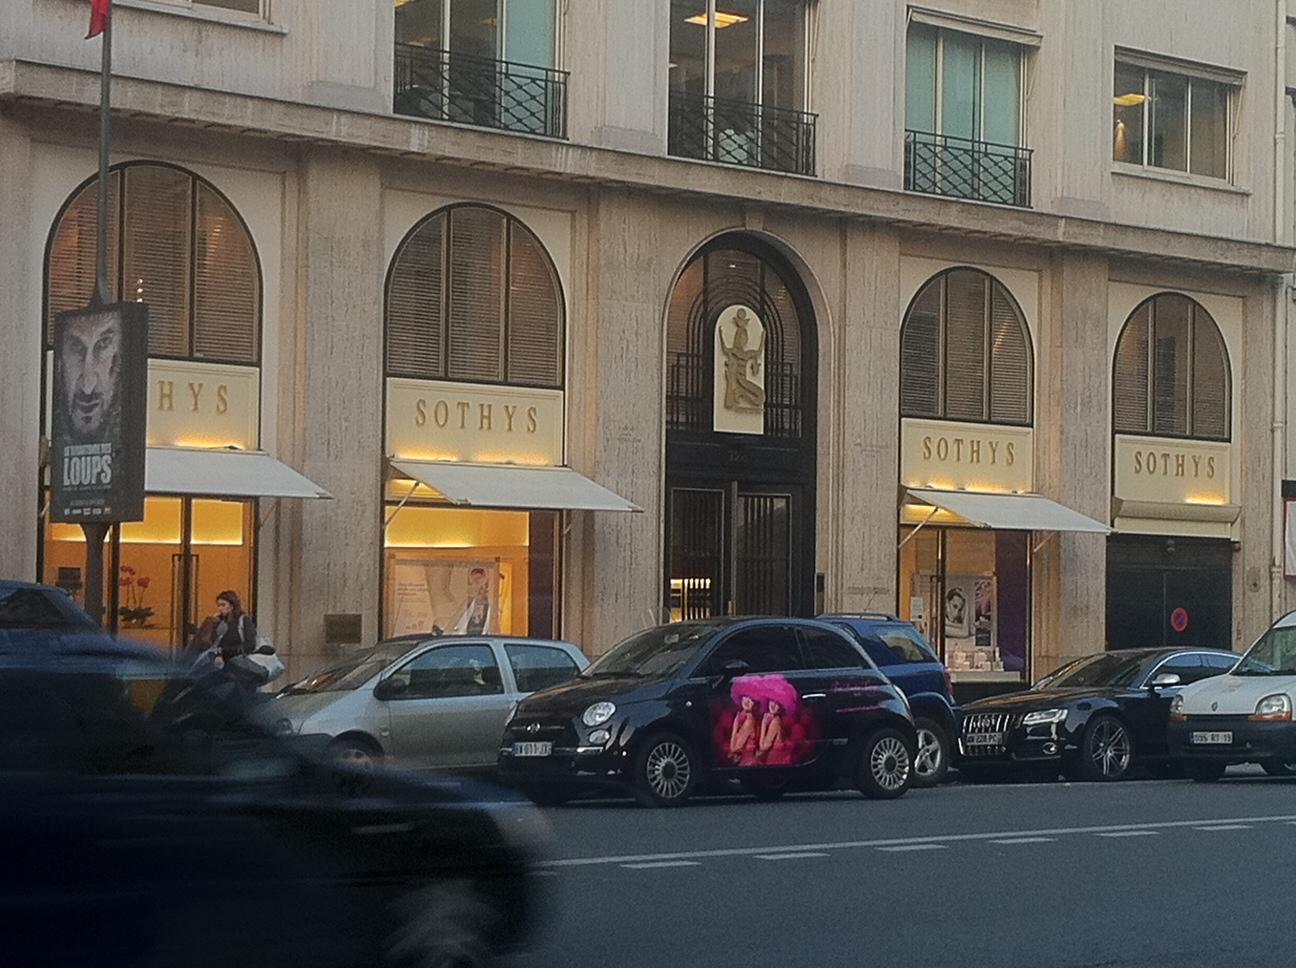 Mon poudrier j 39 ai test le spa sothys de la rue fg st for 128 faubourg salon by sothys